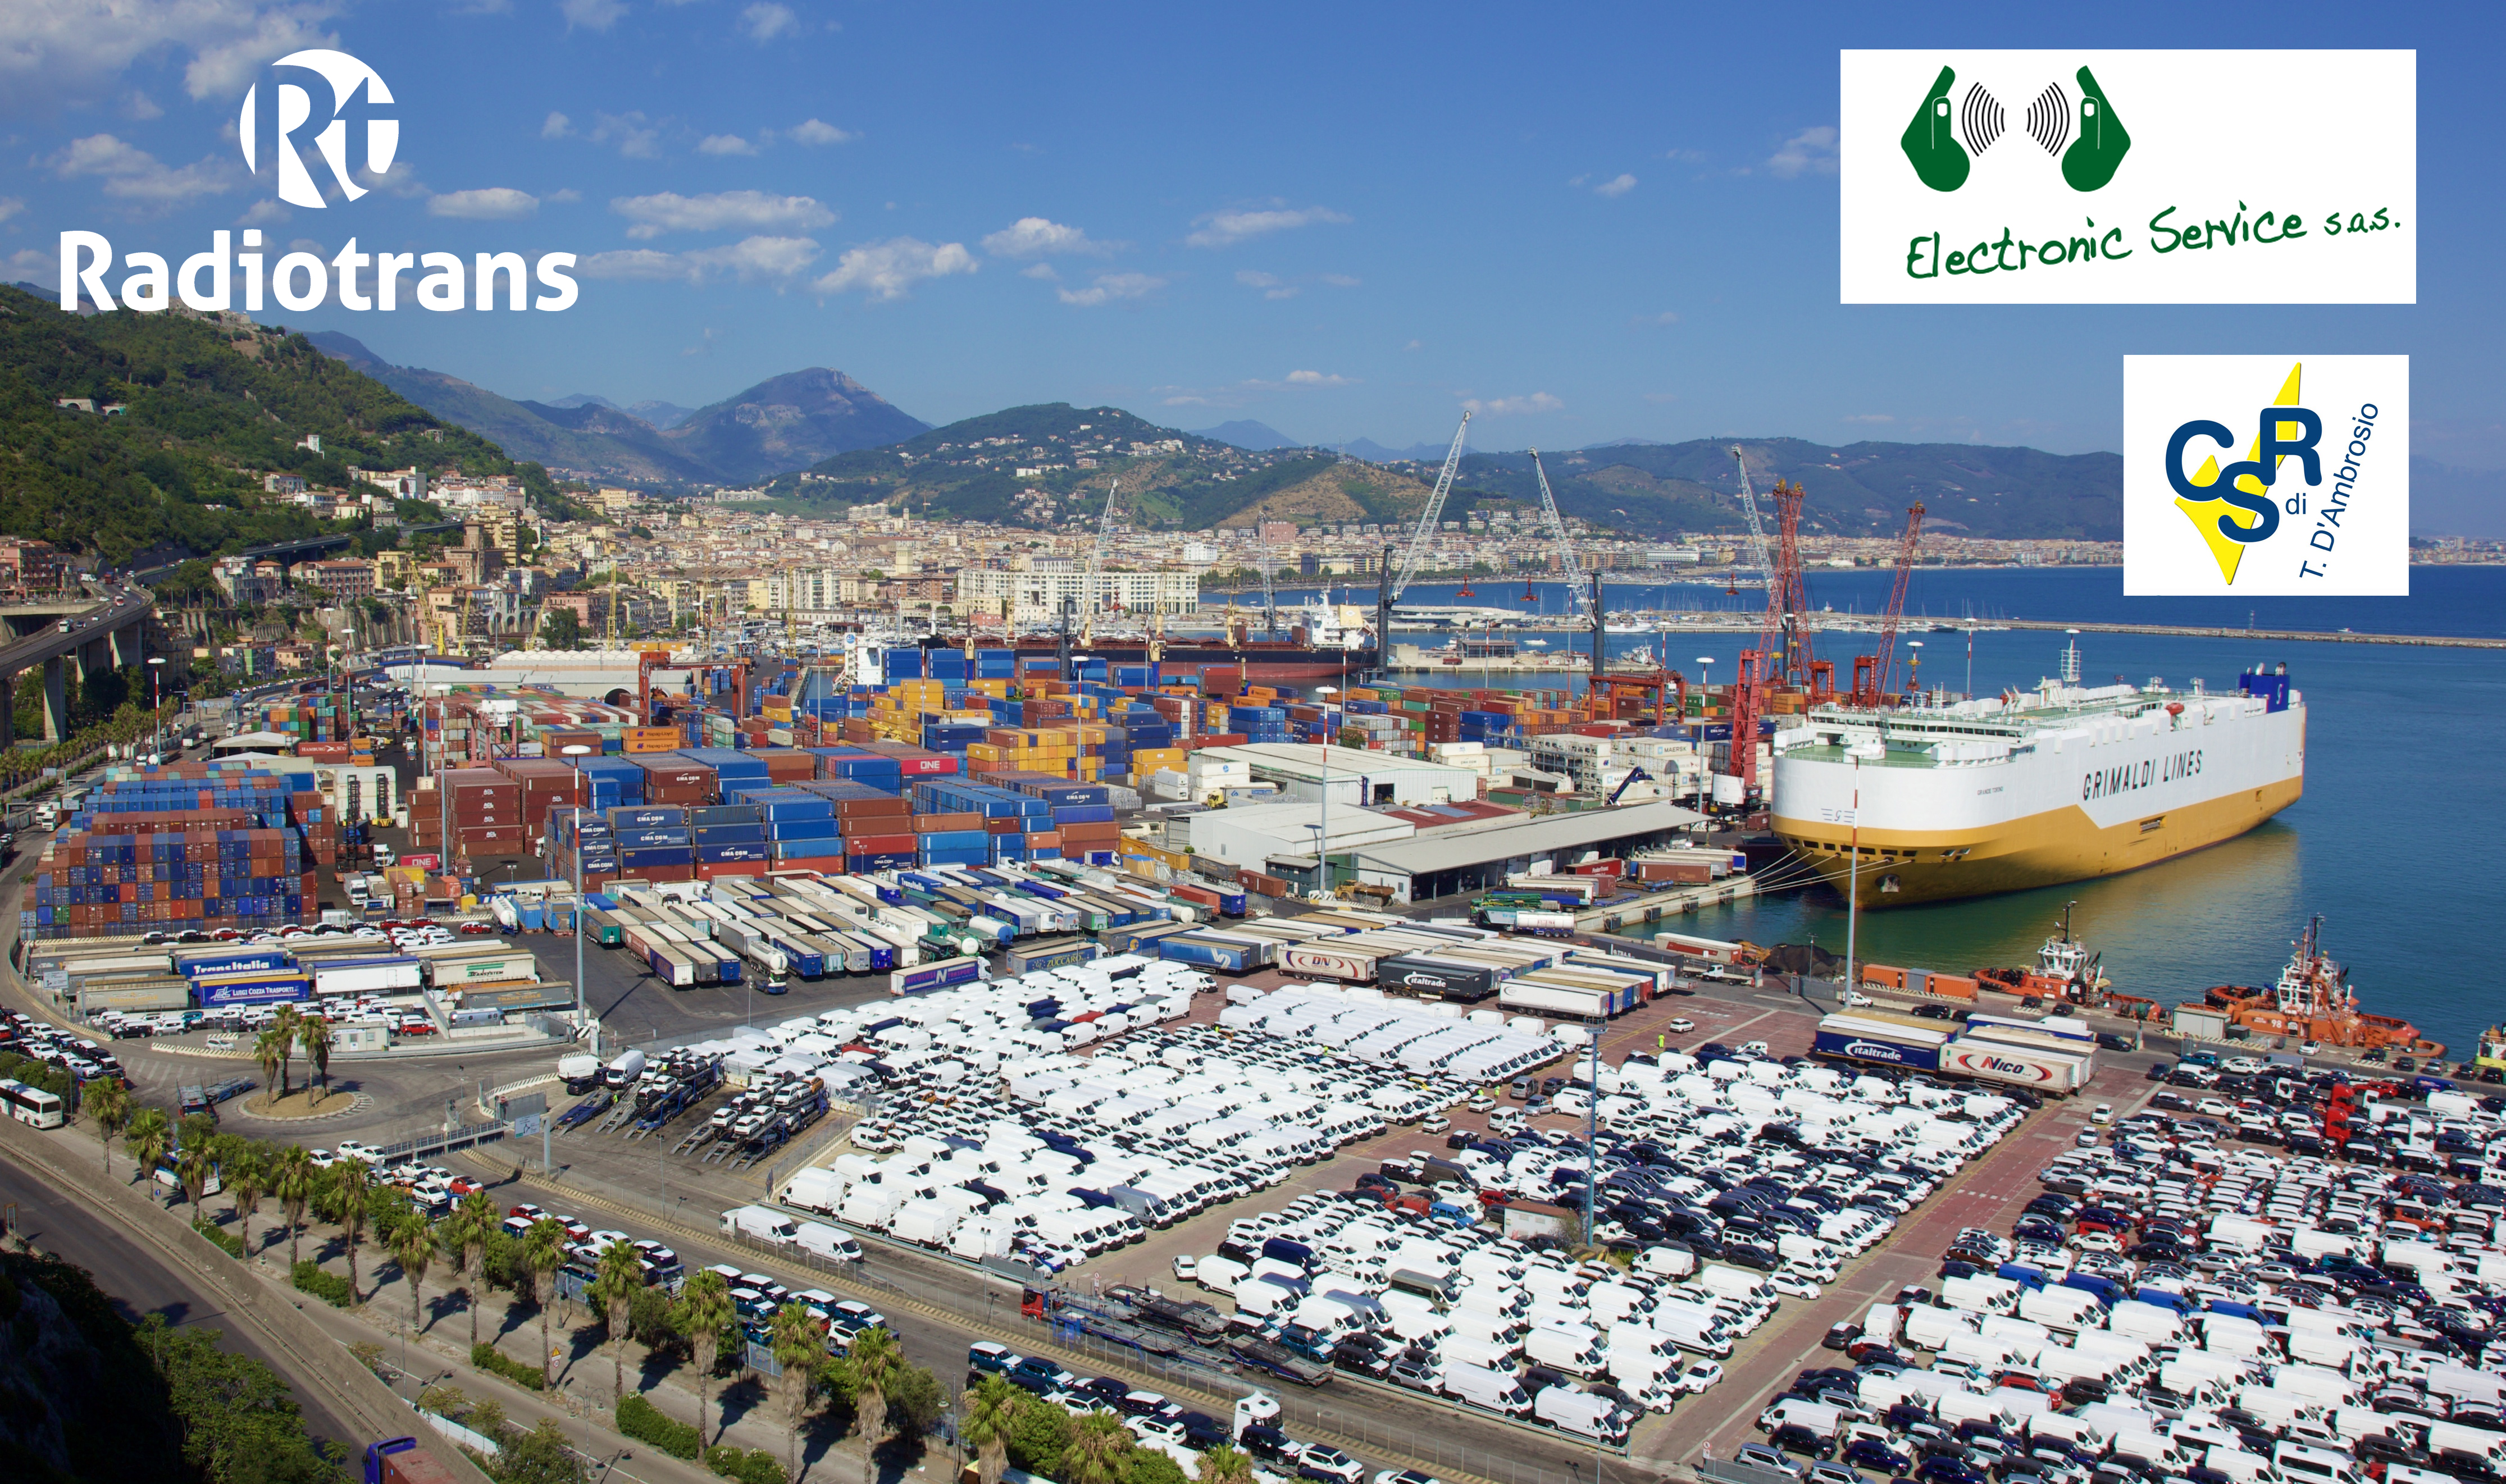 Radiotrans suministra equipamiento de radiocomunicaciones a SCT en el astillero de Salerno, Italia